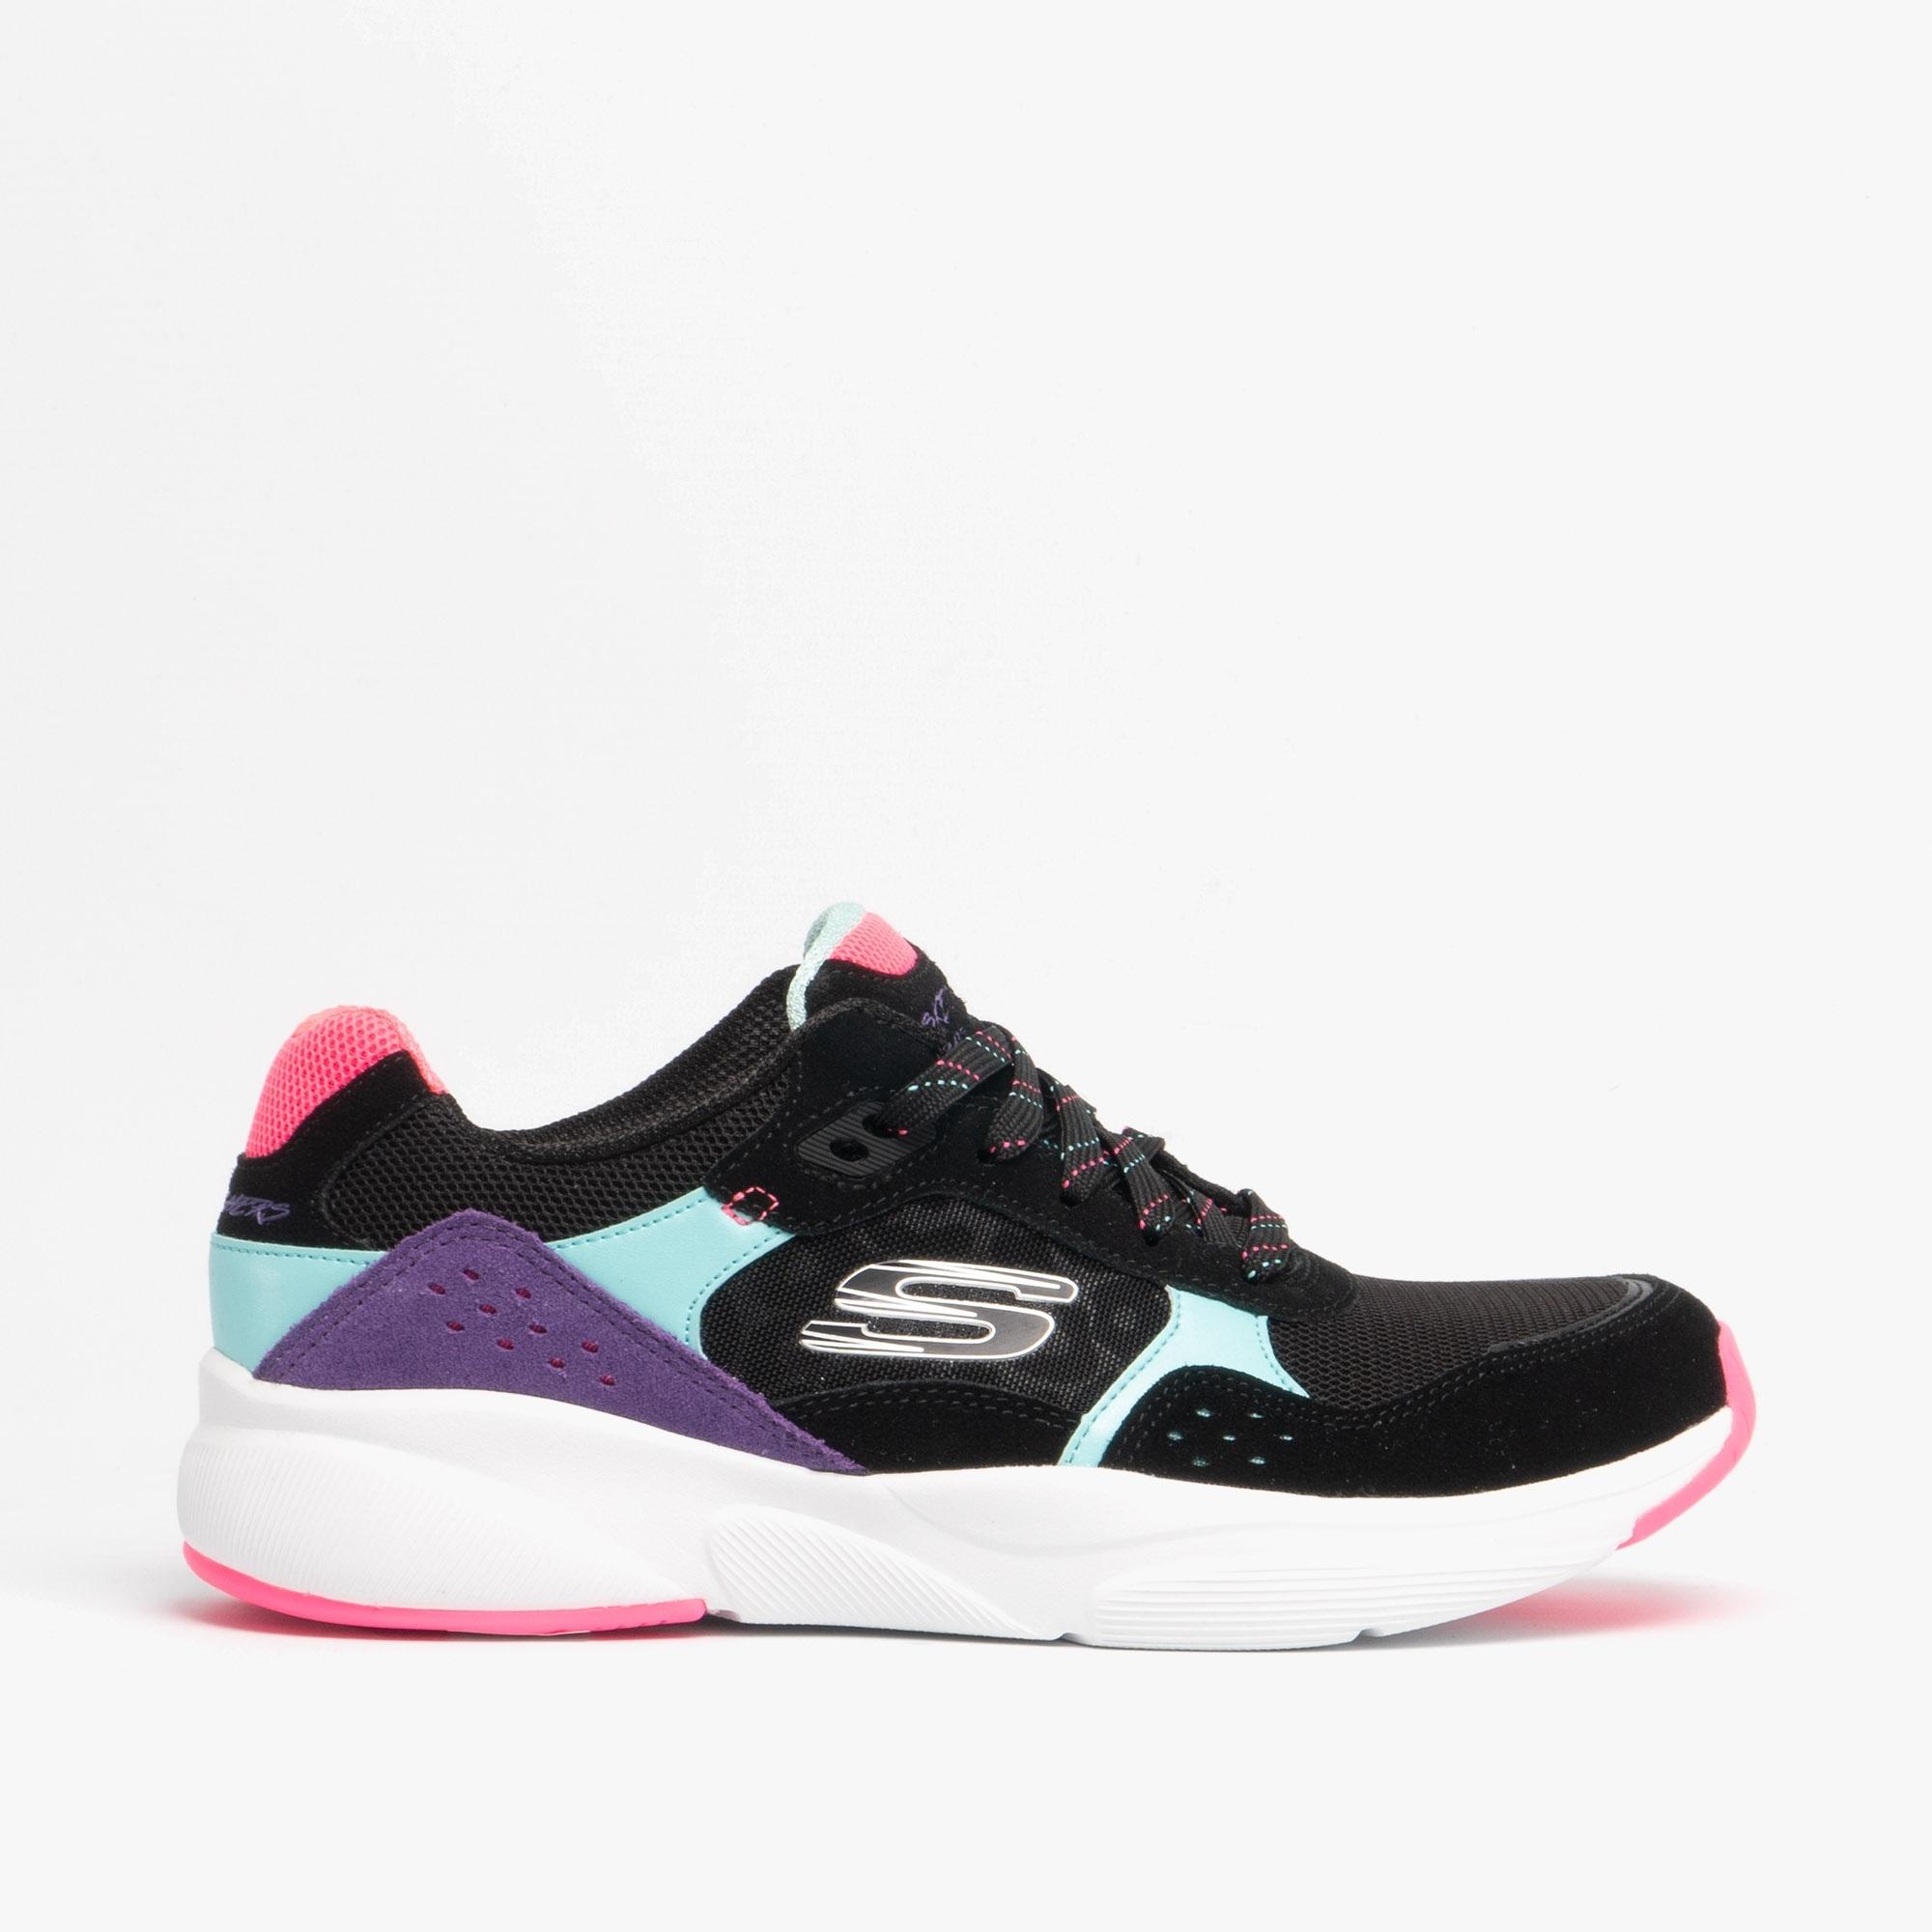 Skechers MERIDIAN NO WORRIES Ladies Sneakers Trainers Black